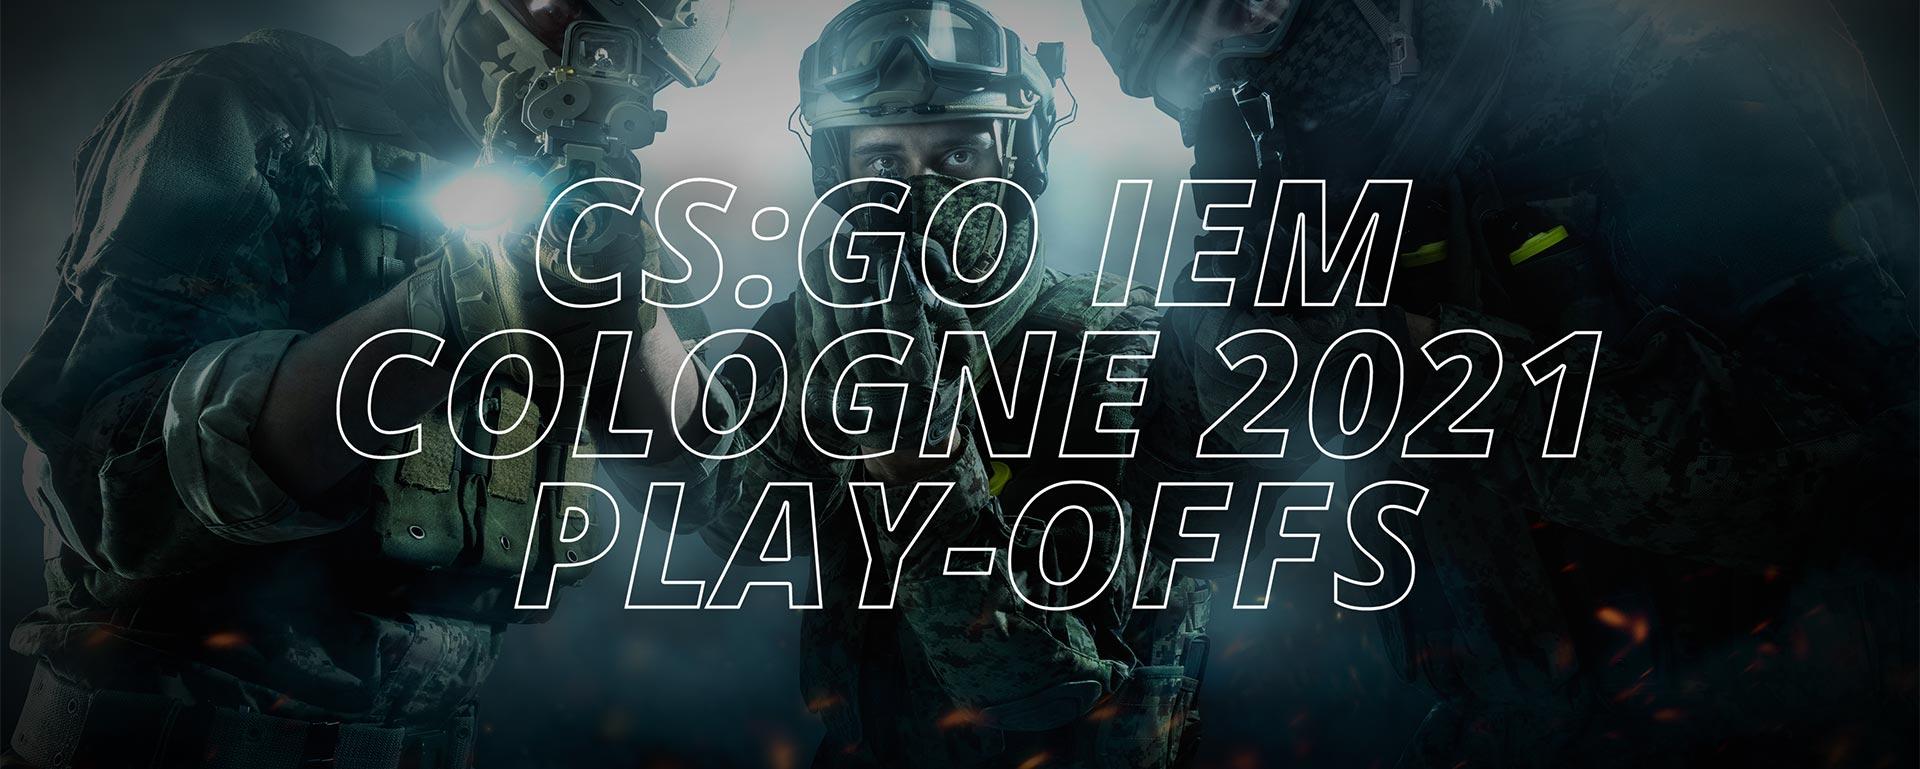 CS:GO — IEM COLOGNE 2021 — PLAY-OFFS